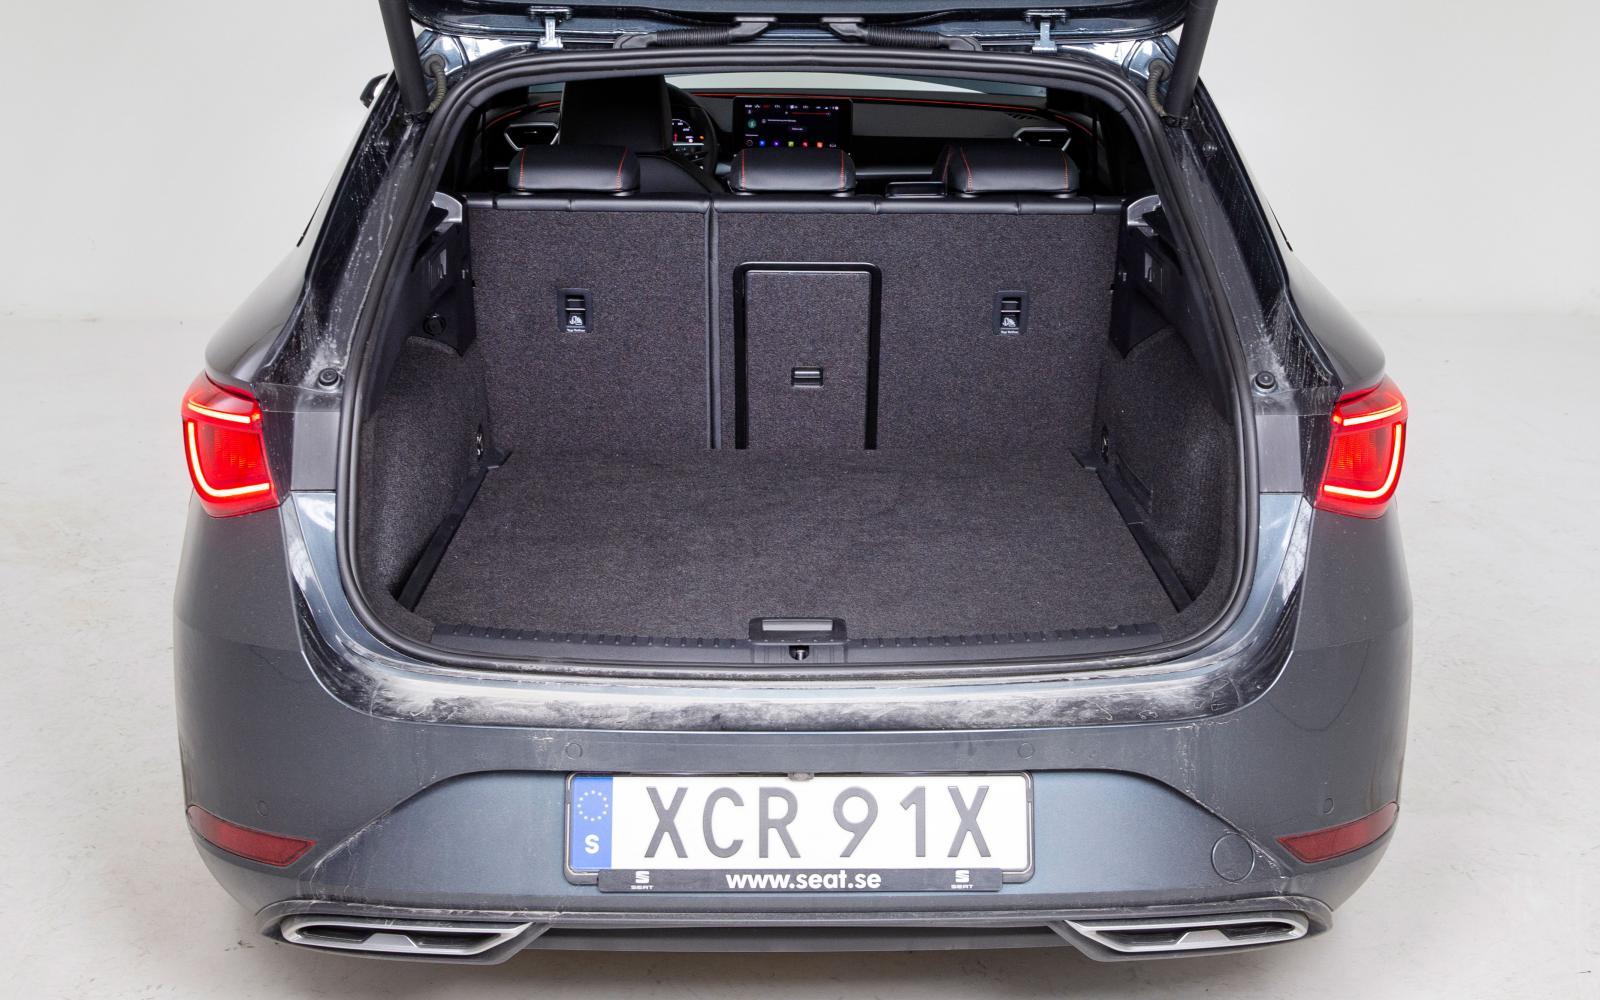 Seat: God flexibilitet med variabelt lastgolv. Utan fysiskt reservhjul finns en stor balja under golvet även i dess nedersta läge. Baksätet delas 60/40 och genomlastningsluckan är väl tilltagen.